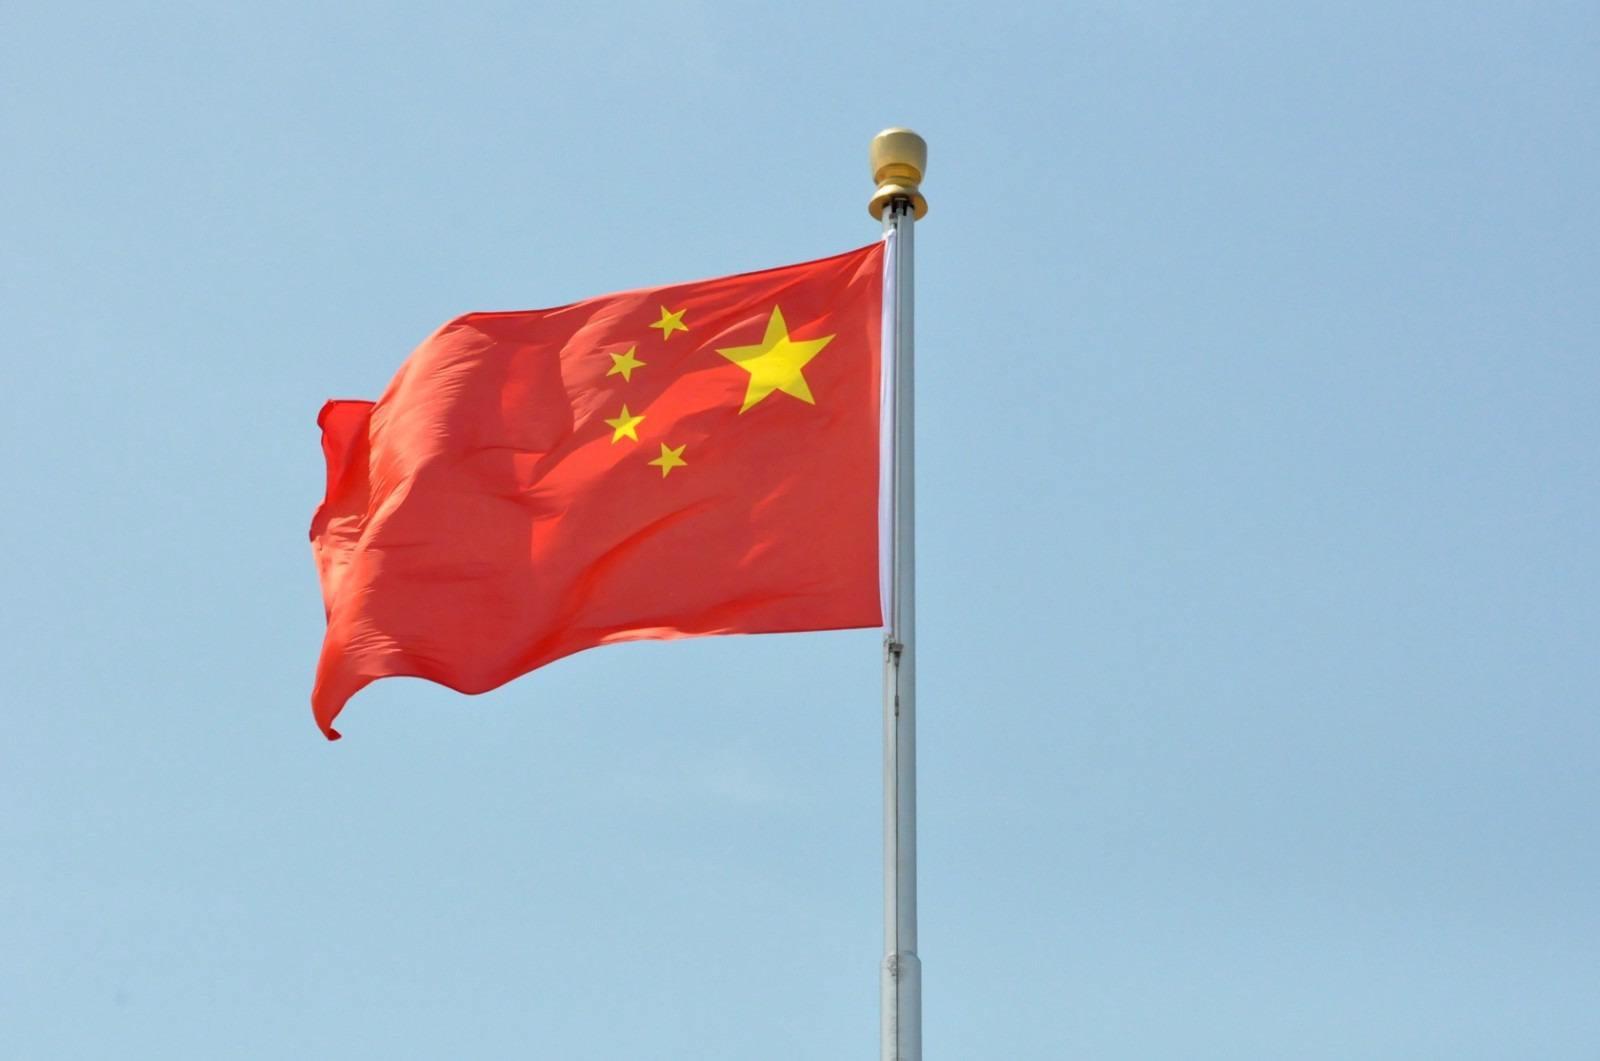 悬挂国旗尺寸规定 关于悬挂国旗和司旗的尺寸